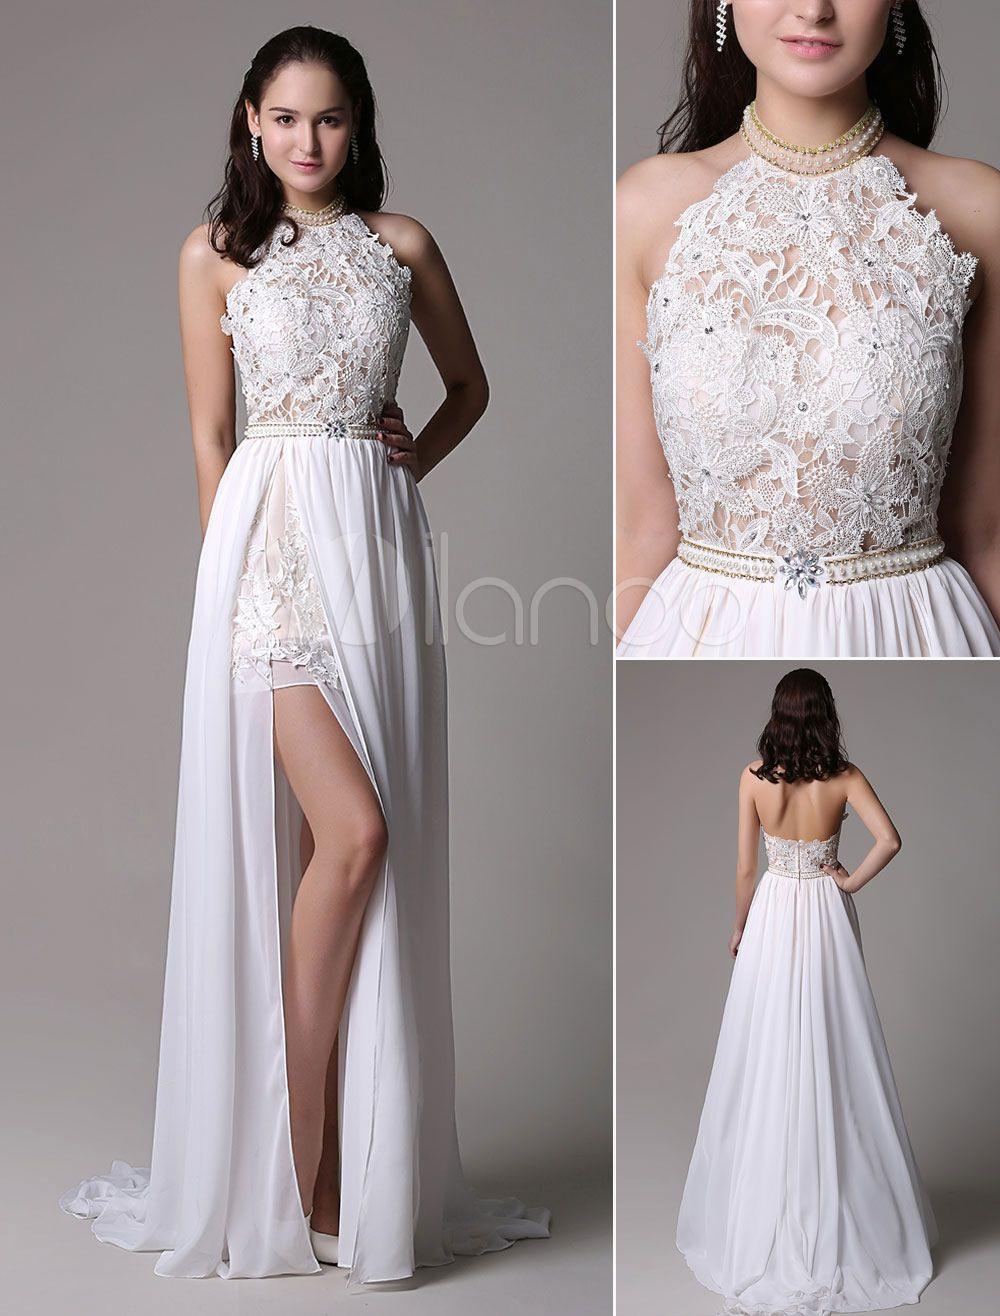 Coolste Abendkleid Weiß Spitze Spezialgebiet10 Kreativ Abendkleid Weiß Spitze für 2019